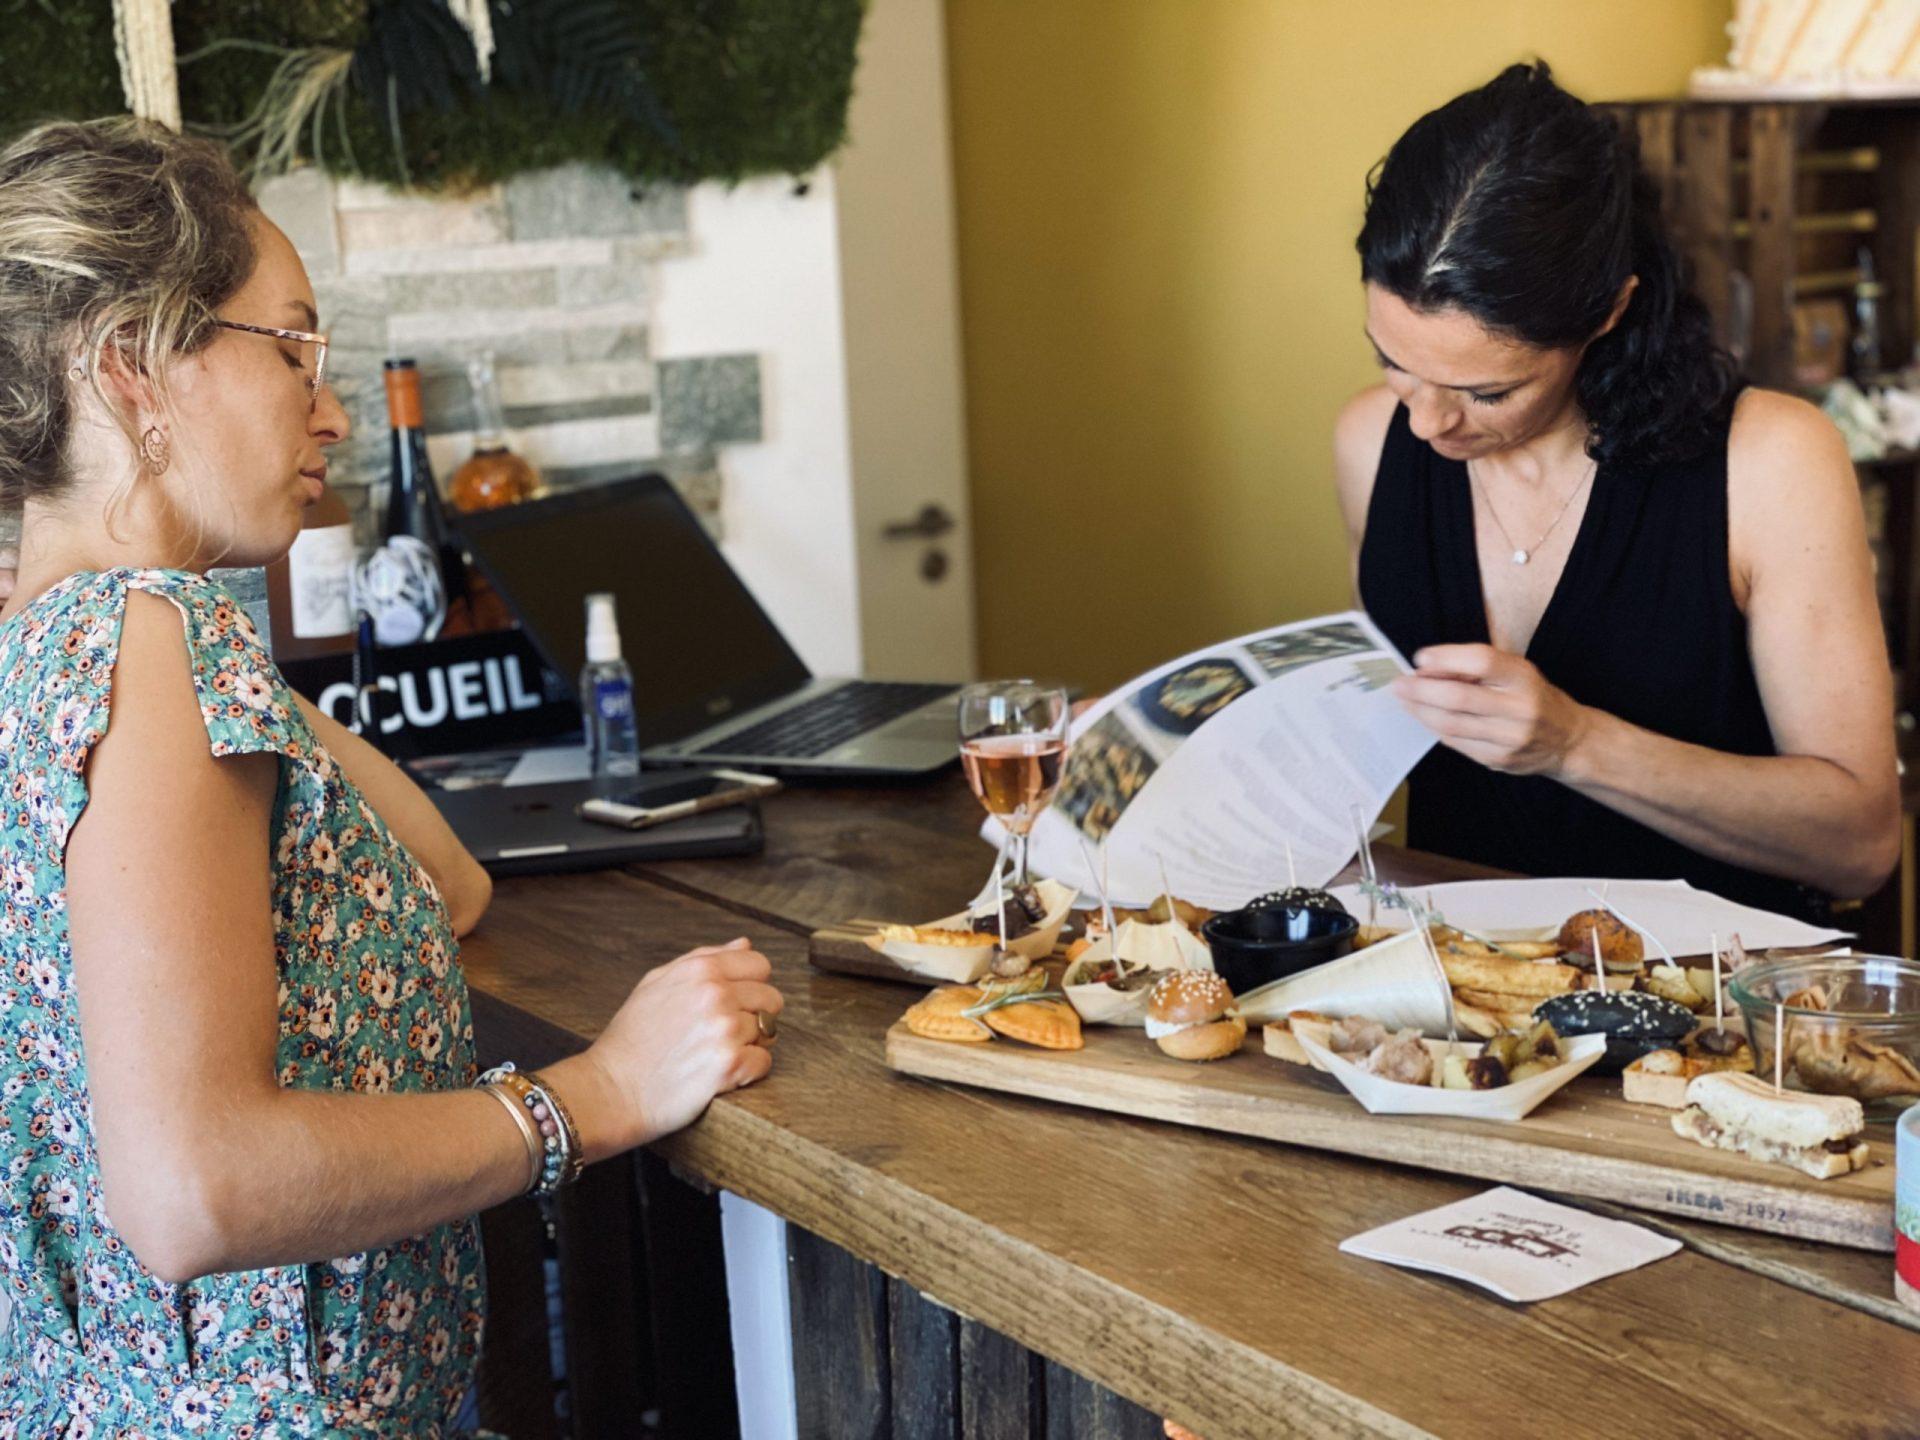 dégustation client événement mariage traiteur cocktail dinatoire repas à table